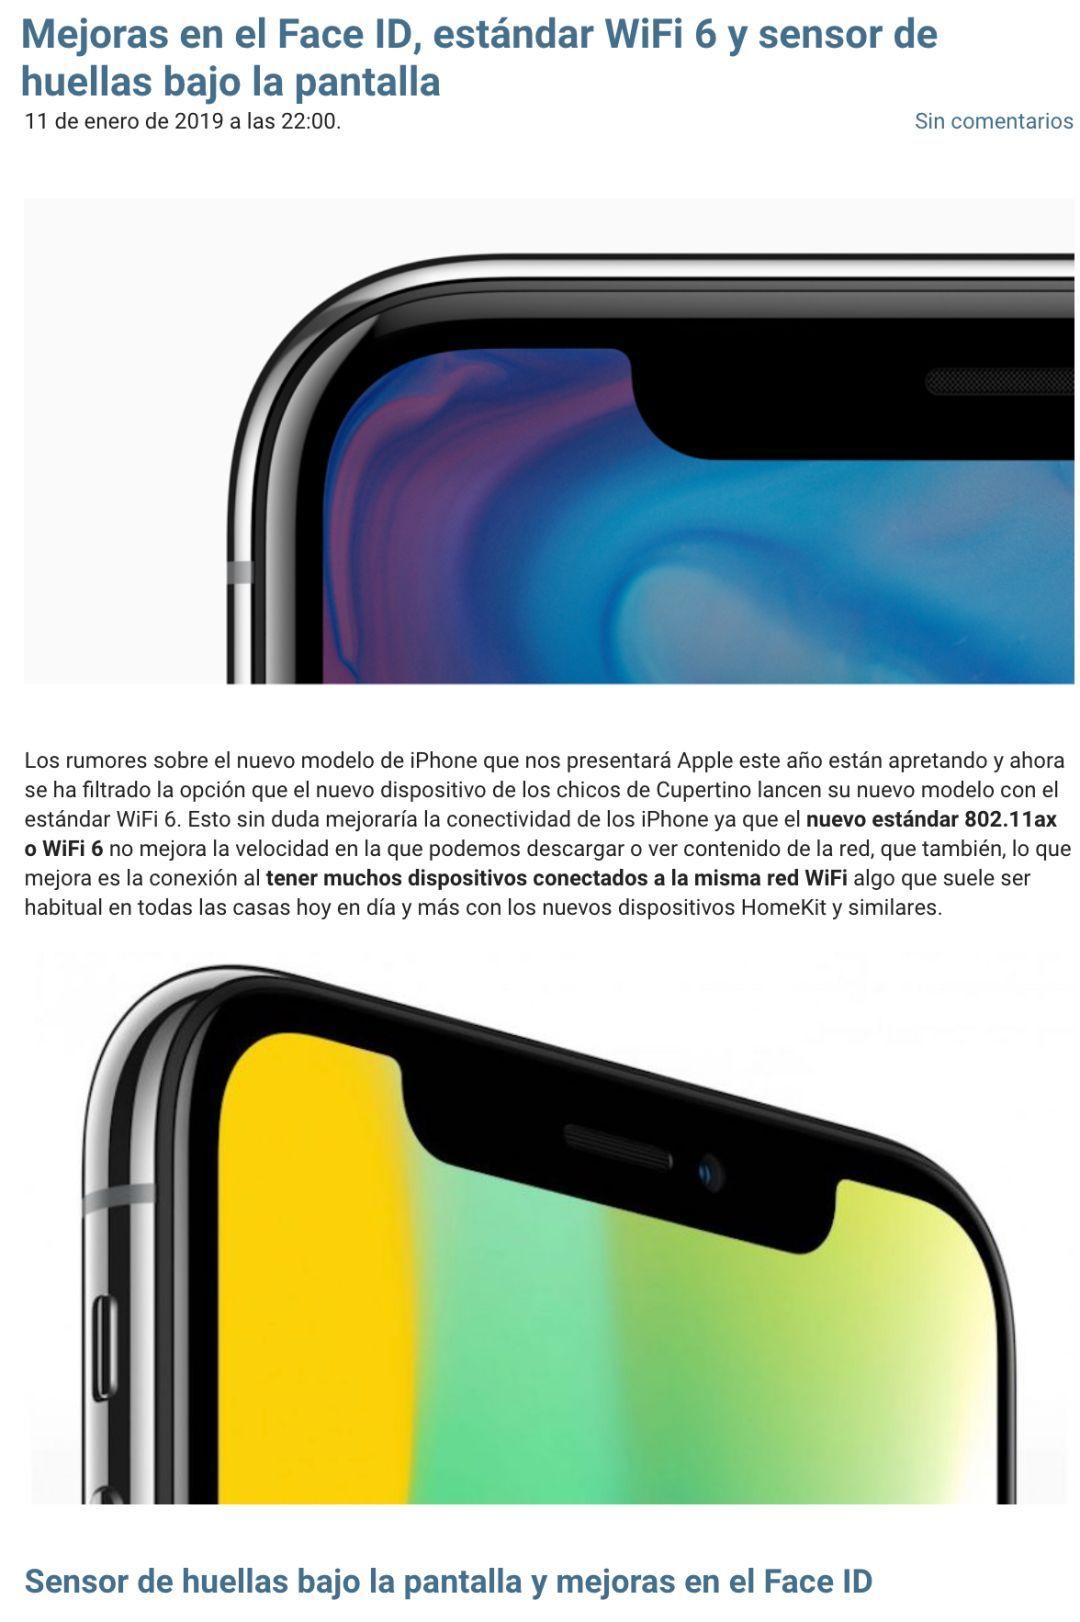 2019款iPhone:或使用三星、聯發科基帶,支持WiFi 6,改進Face